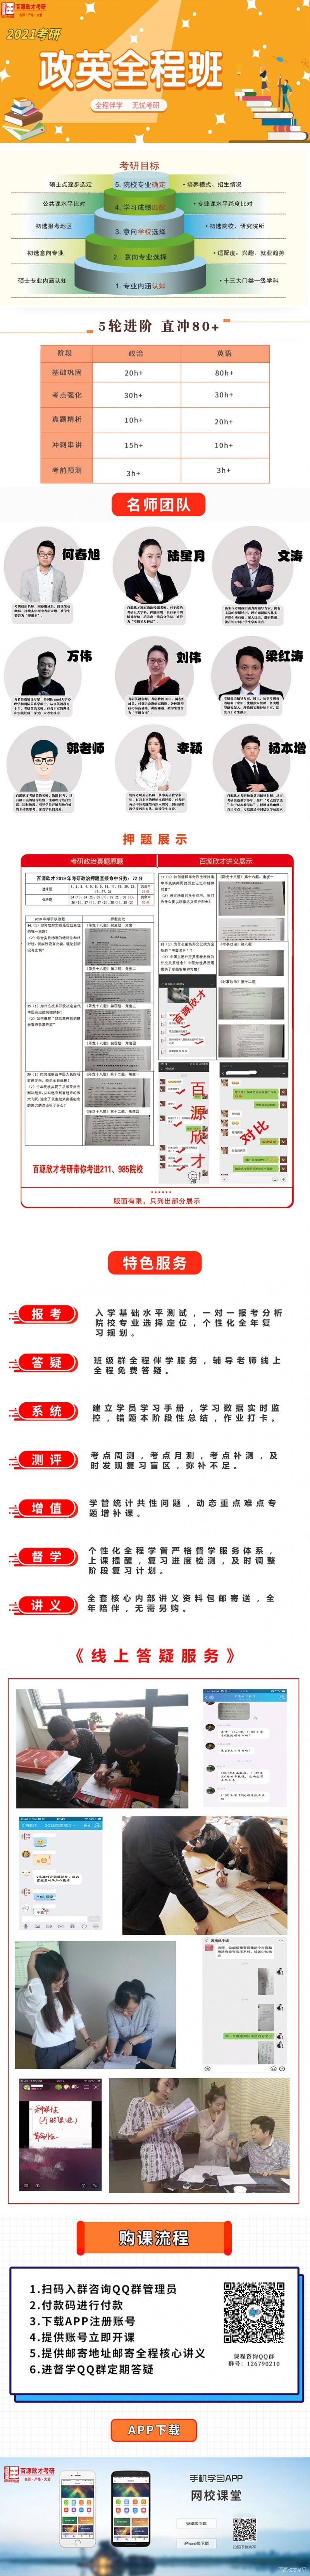 政英改微信图片_20191117163903